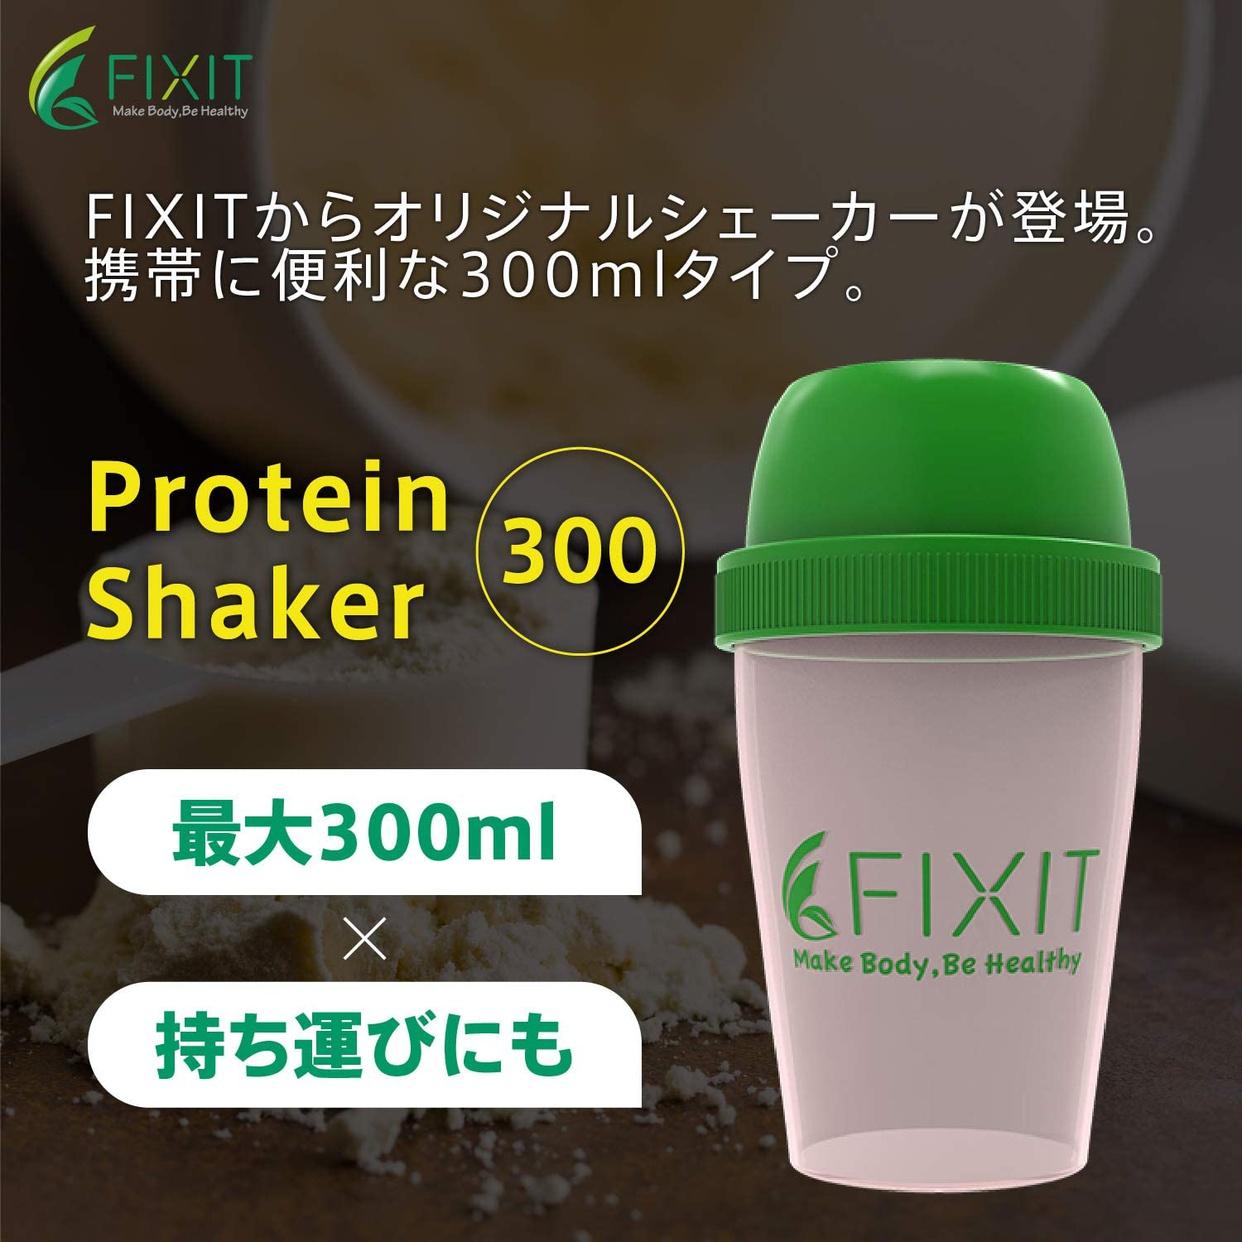 FIXIT(フィックスイット) プロテインシェイカーの商品画像3